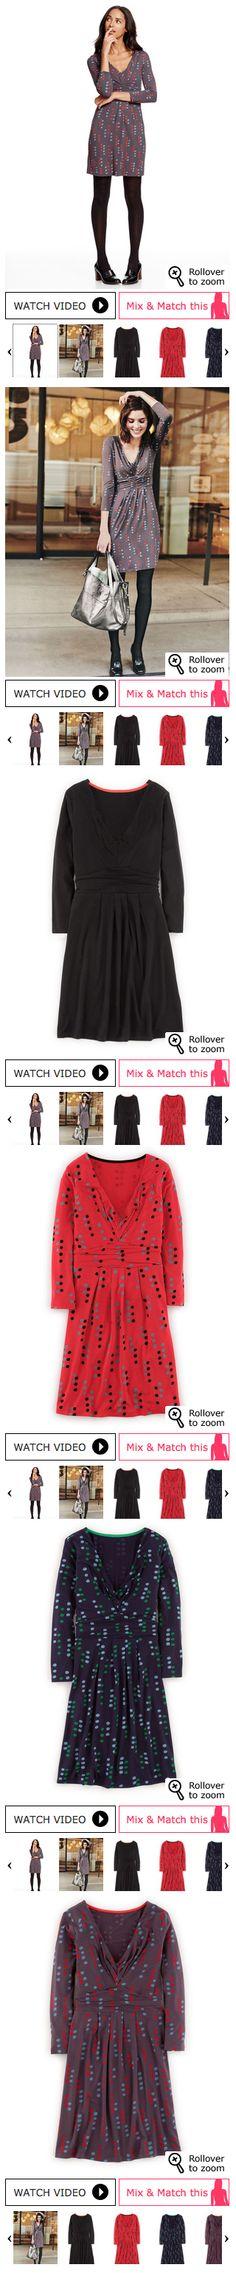 Boden - Women - Dresses - model studio upper body, model lifestyle, laydowns